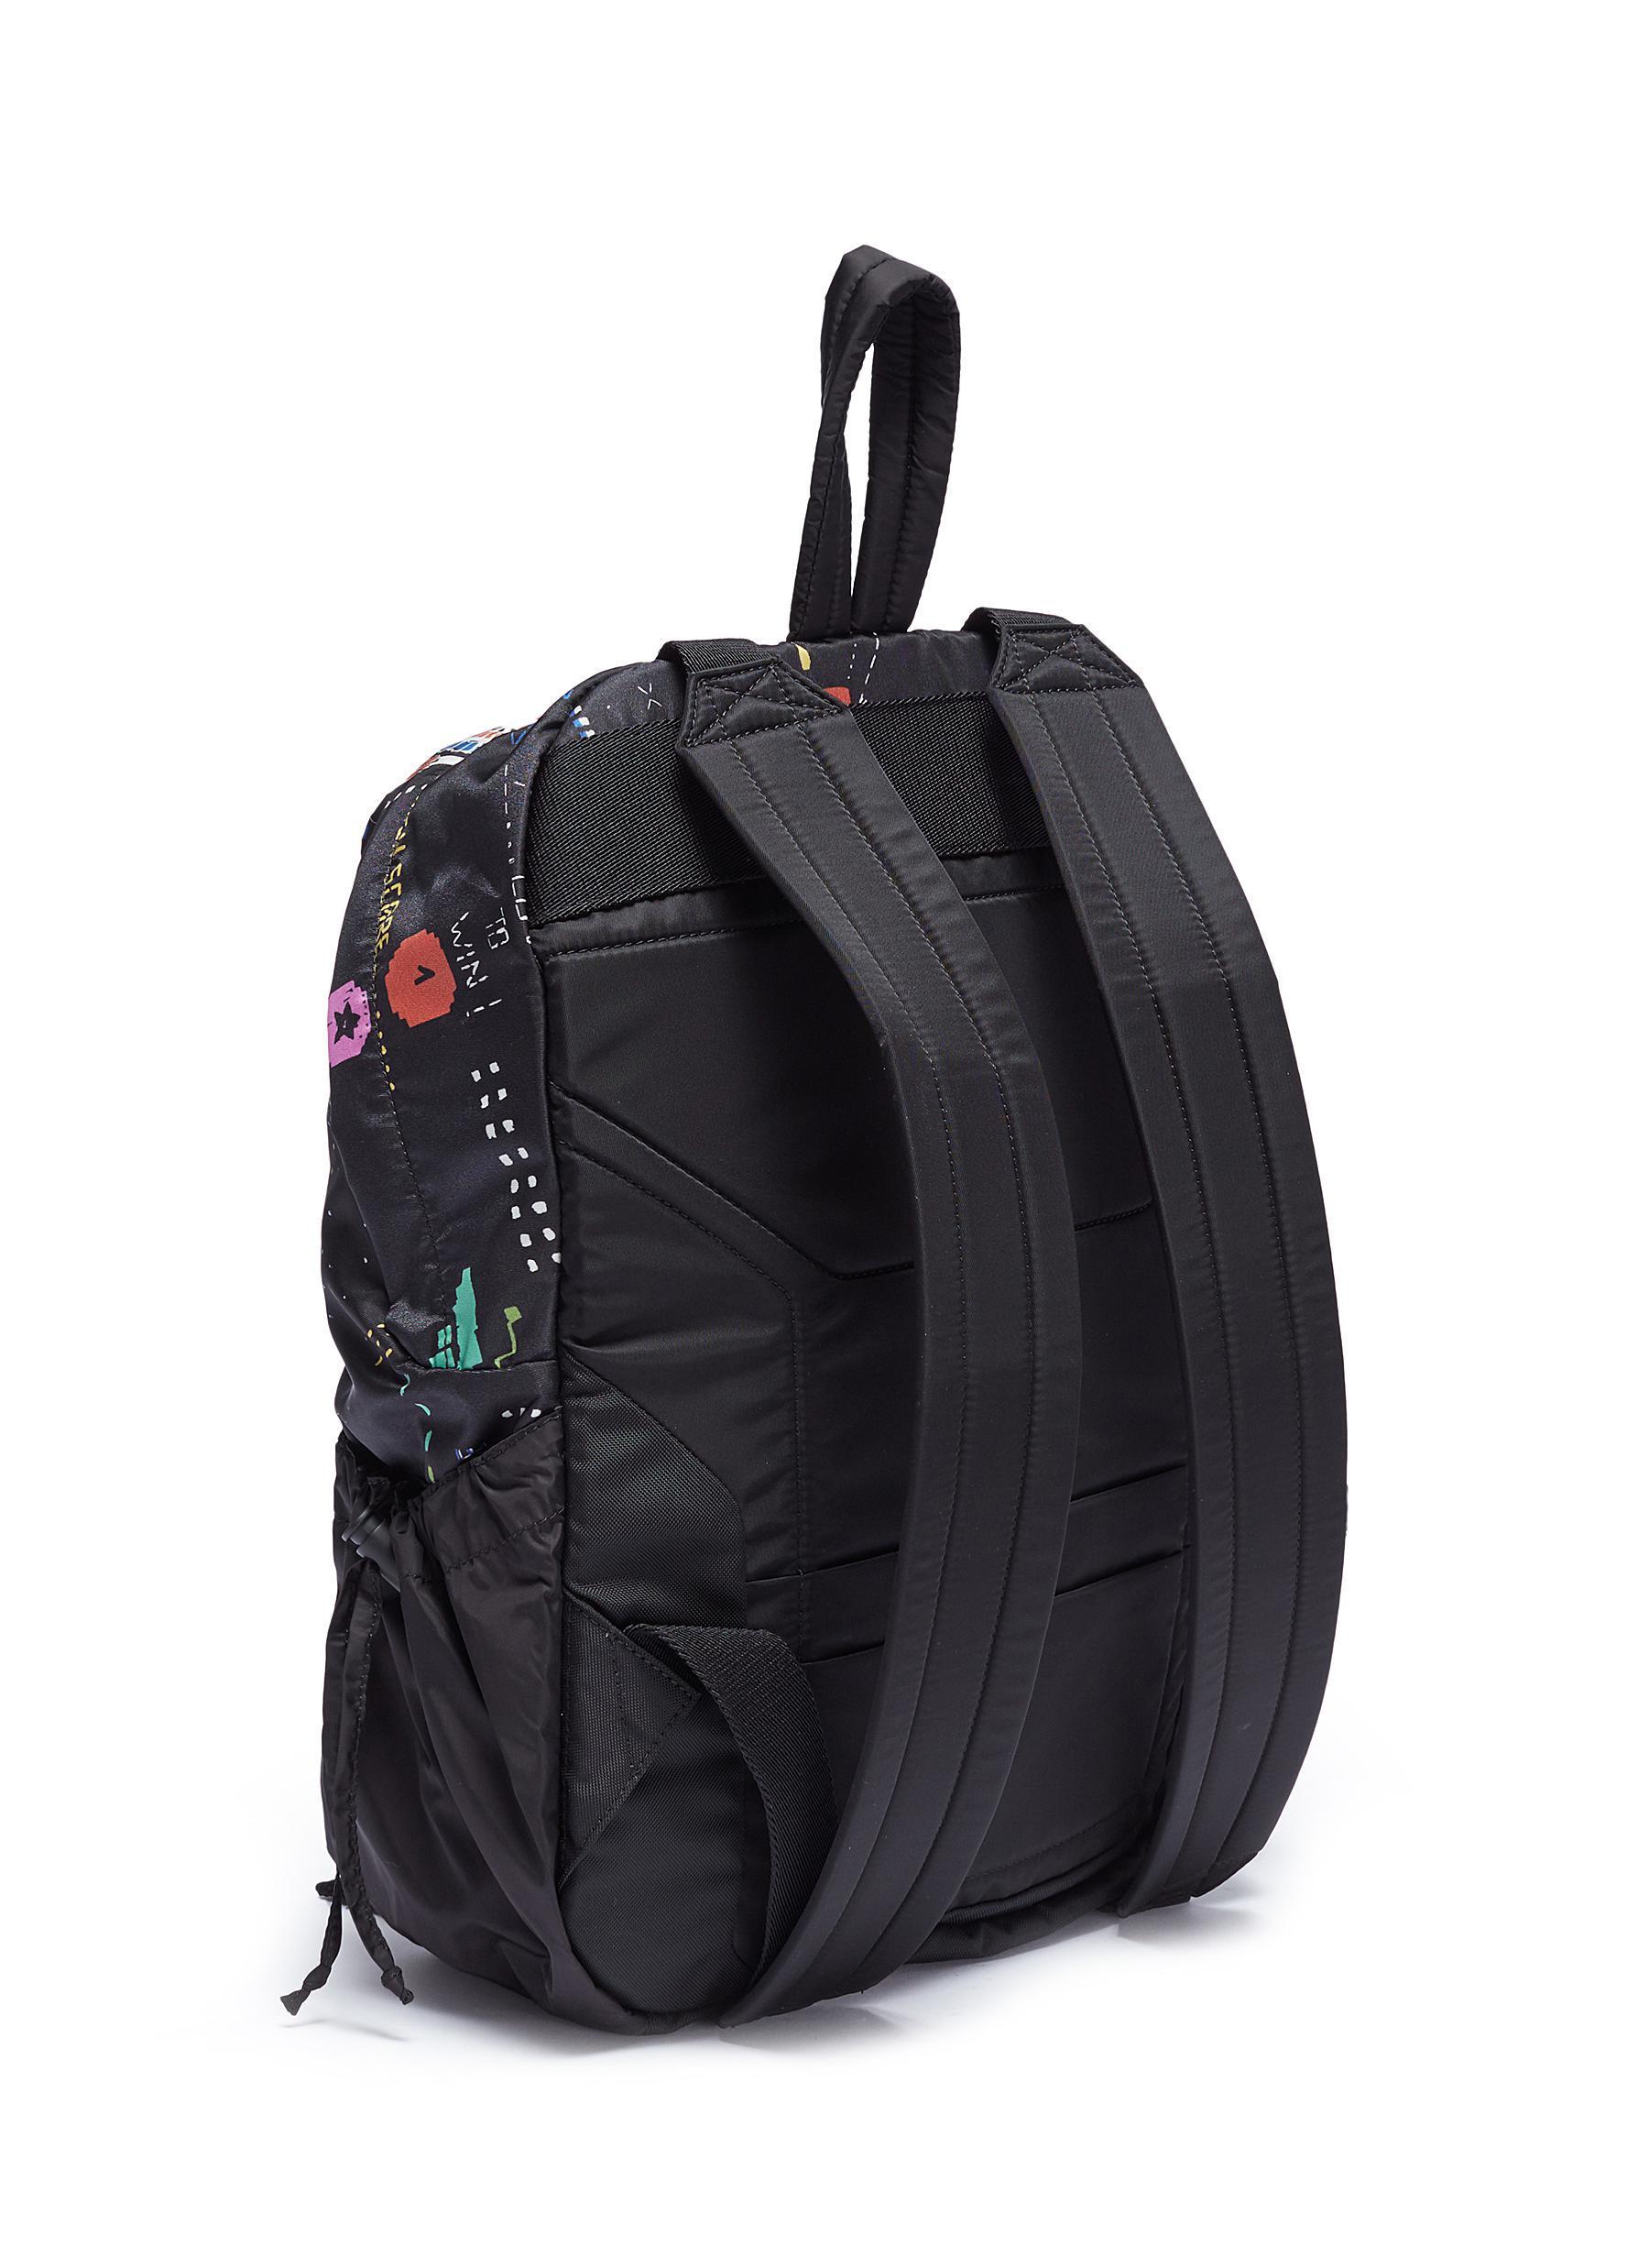 Lyst - Valentino Video Game Print Backpack in Black for Men 72af17619e714